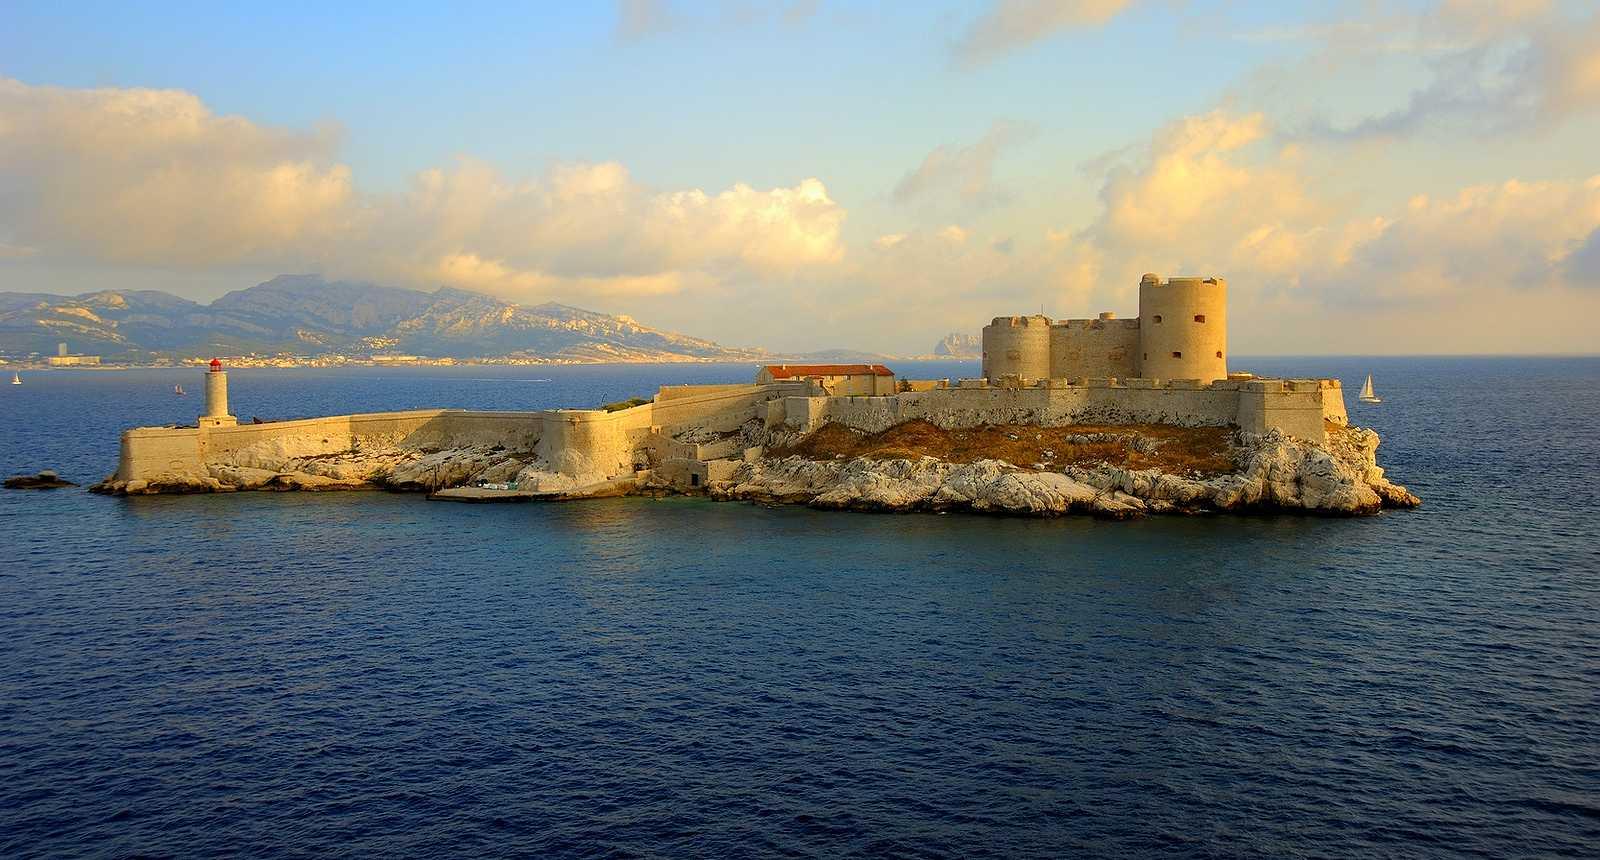 Le Château d'If au large de Marseille